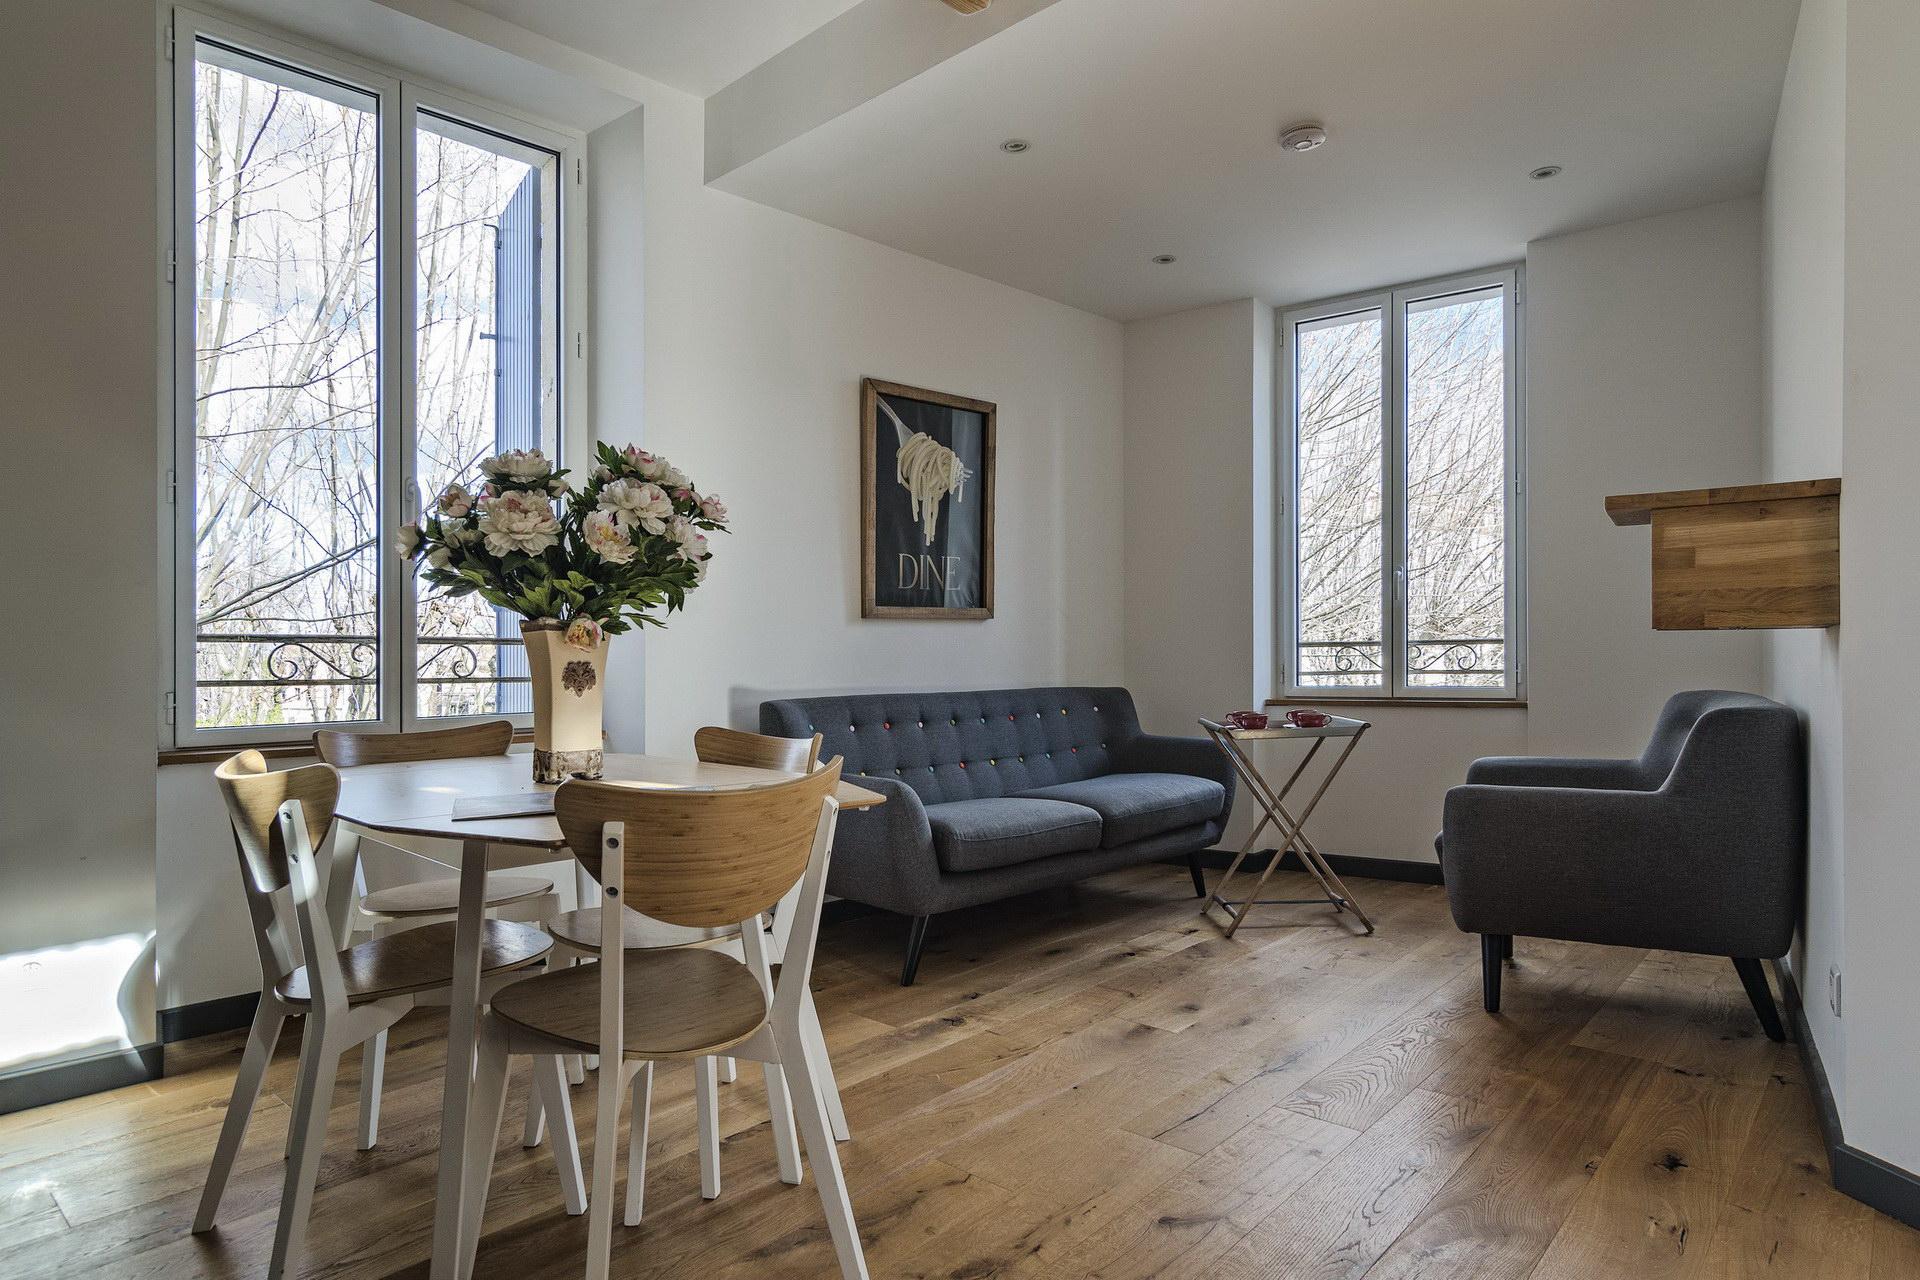 Appartement 4 personnes en location à forcalquier grande pièce à vivre